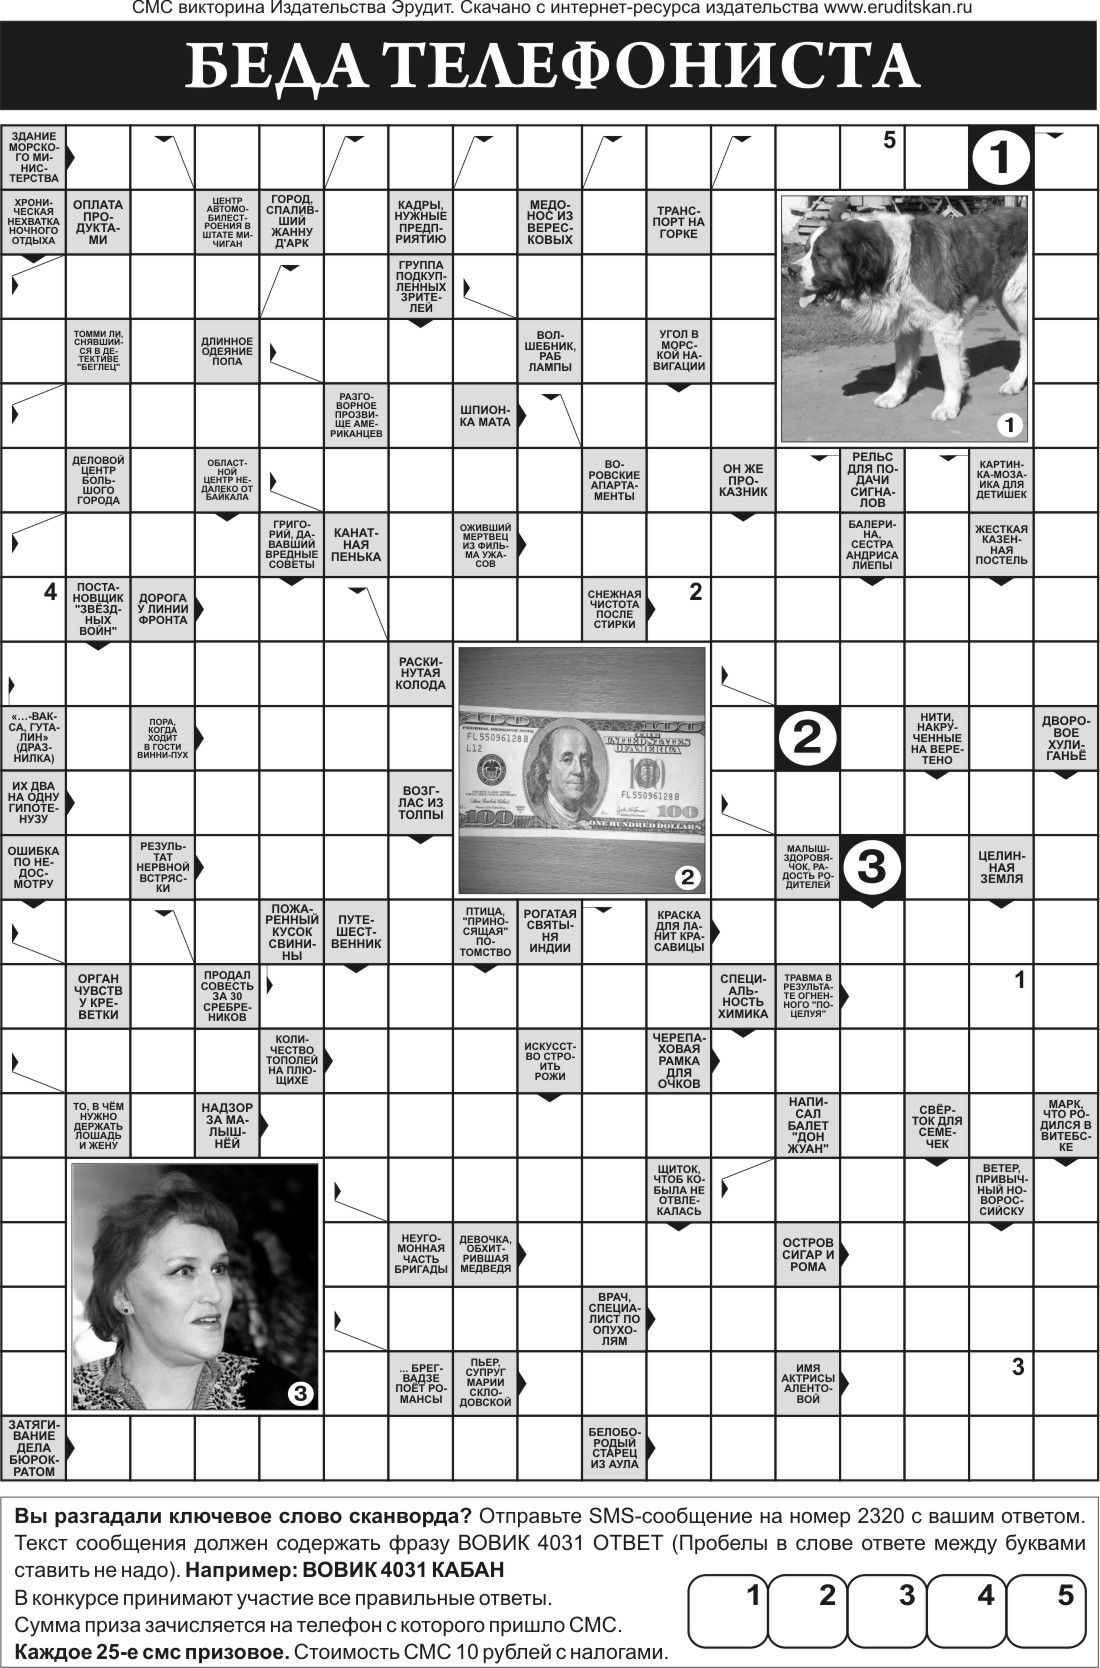 Скачать сборник сканвордов для печати pdf